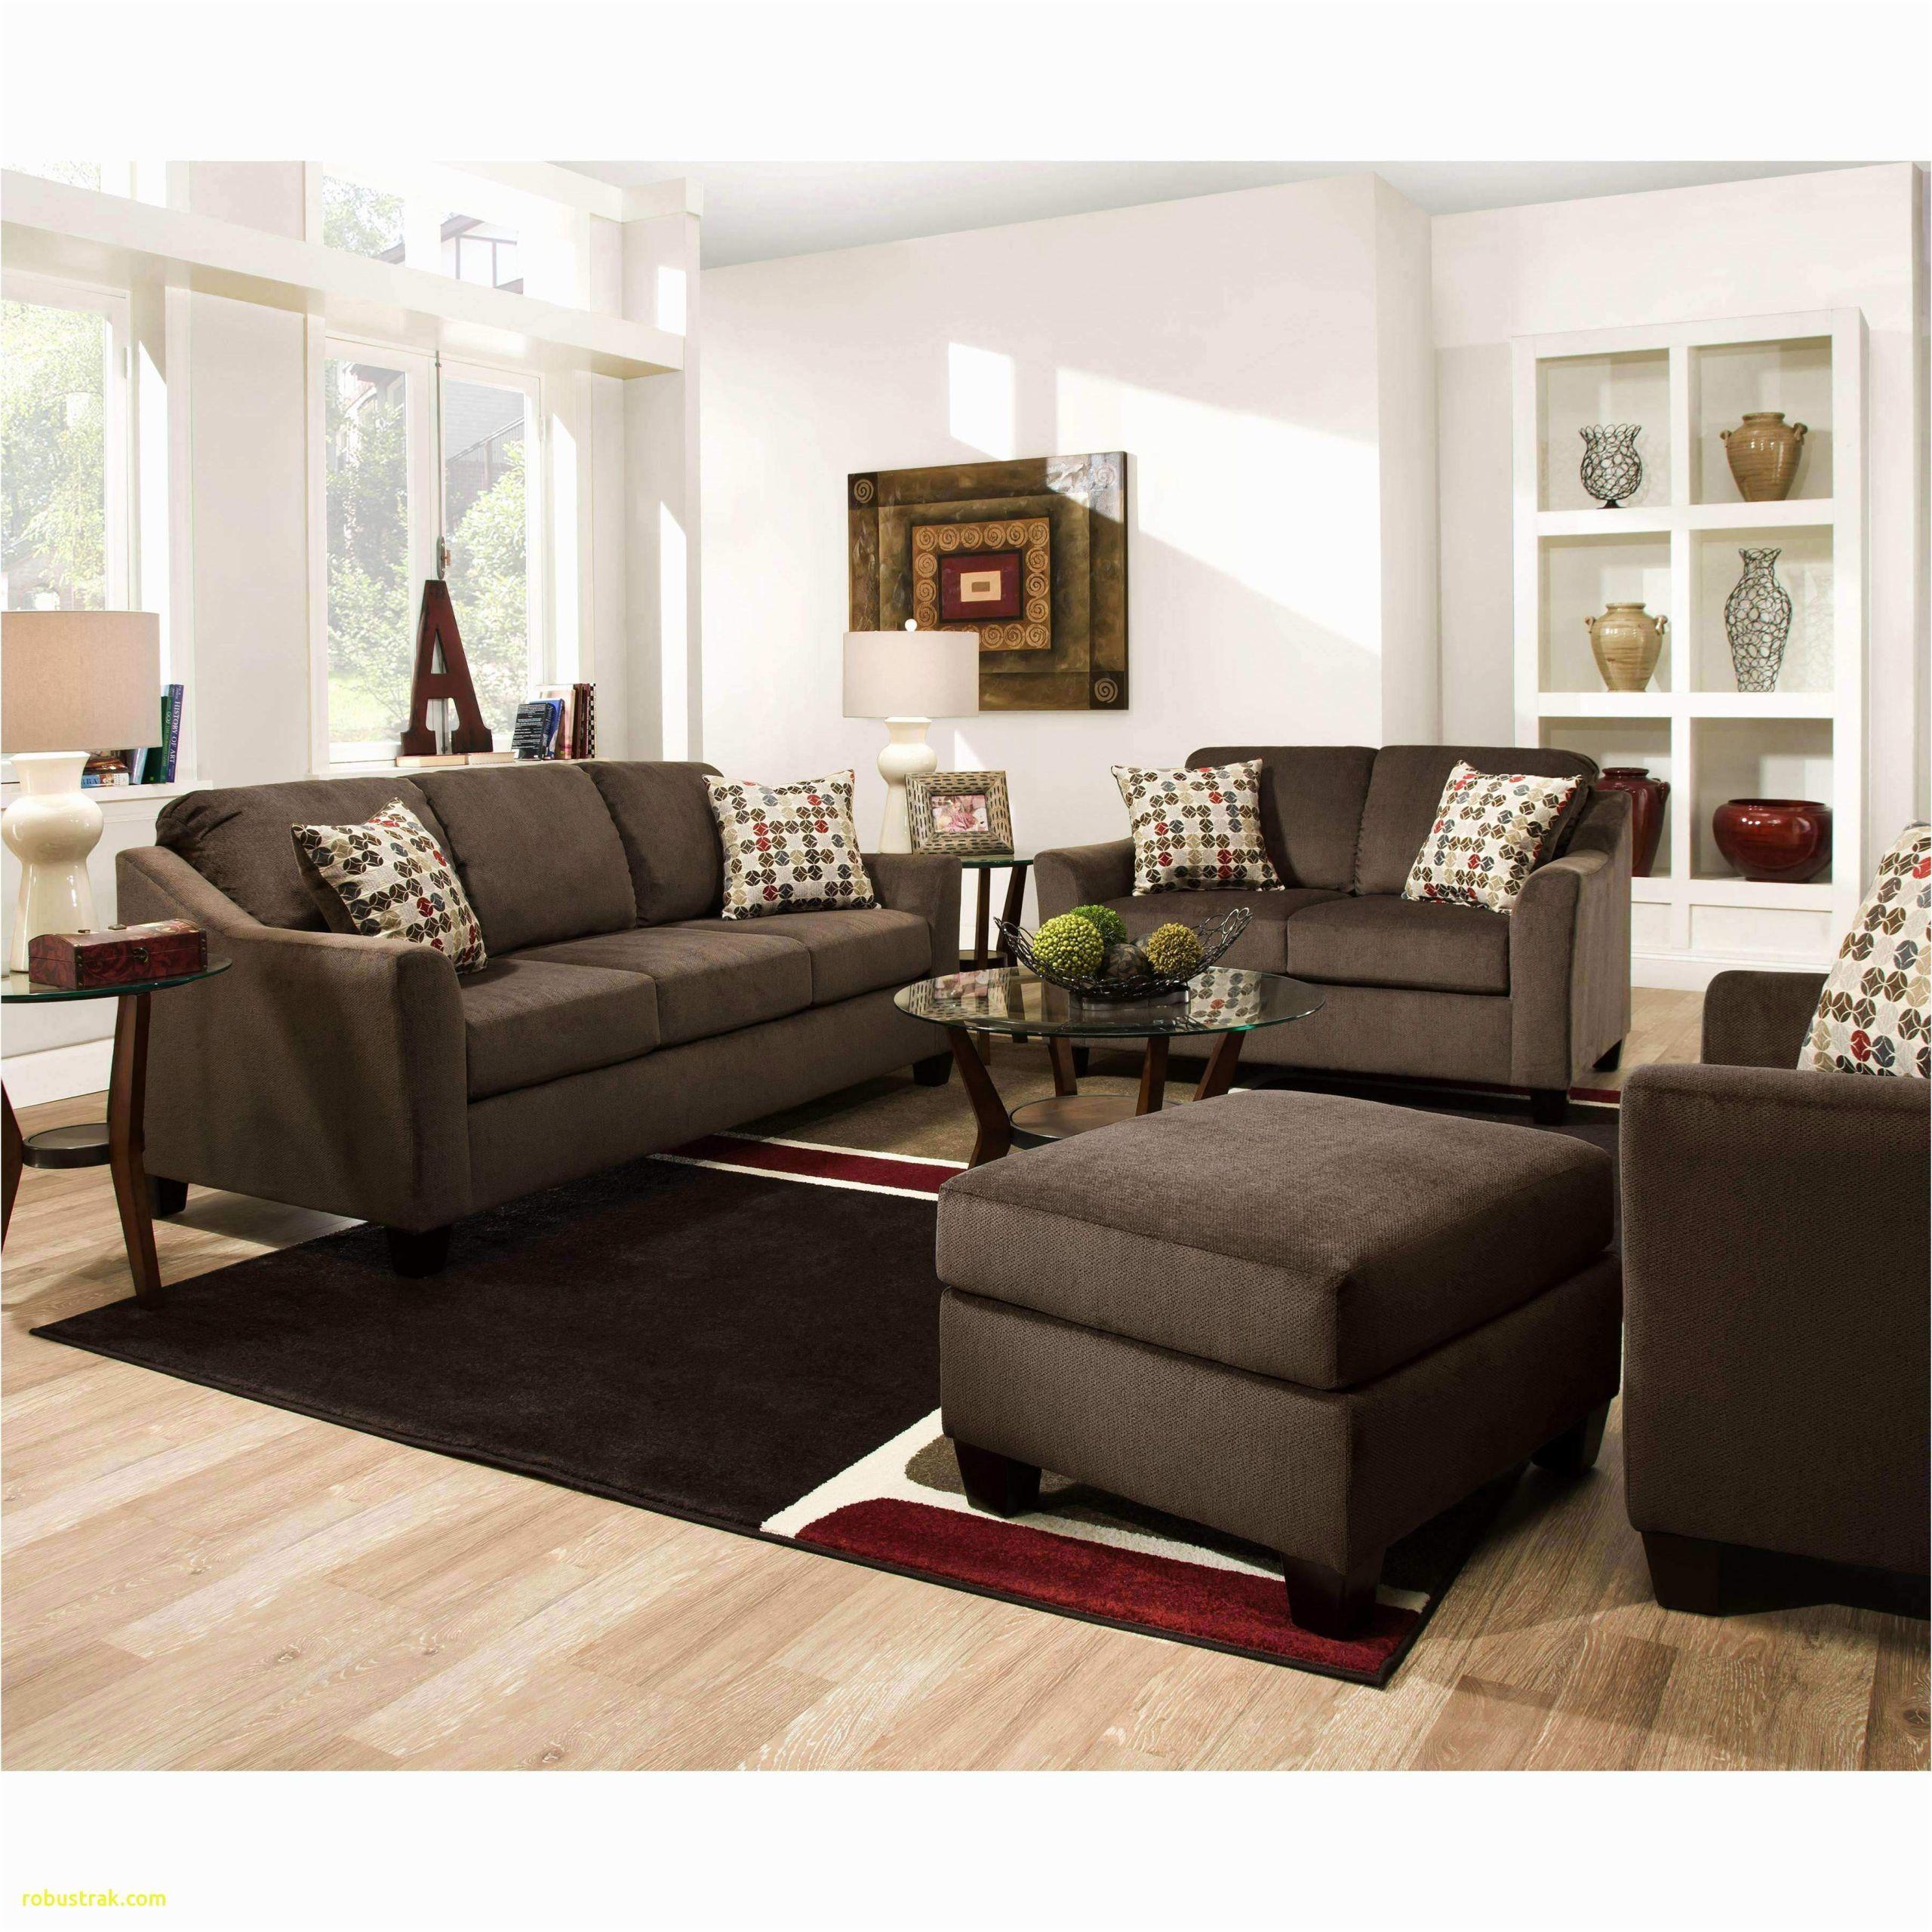 Full Size of Lounge Ecke Wohnzimmer Rattan Sofa Inspirierend Einzigartig Deckenleuchten Relaxliege Schlafzimmer Deckenlampe Keramik Waschbecken Küche Pendelleuchte Wohnzimmer Lounge Ecke Wohnzimmer